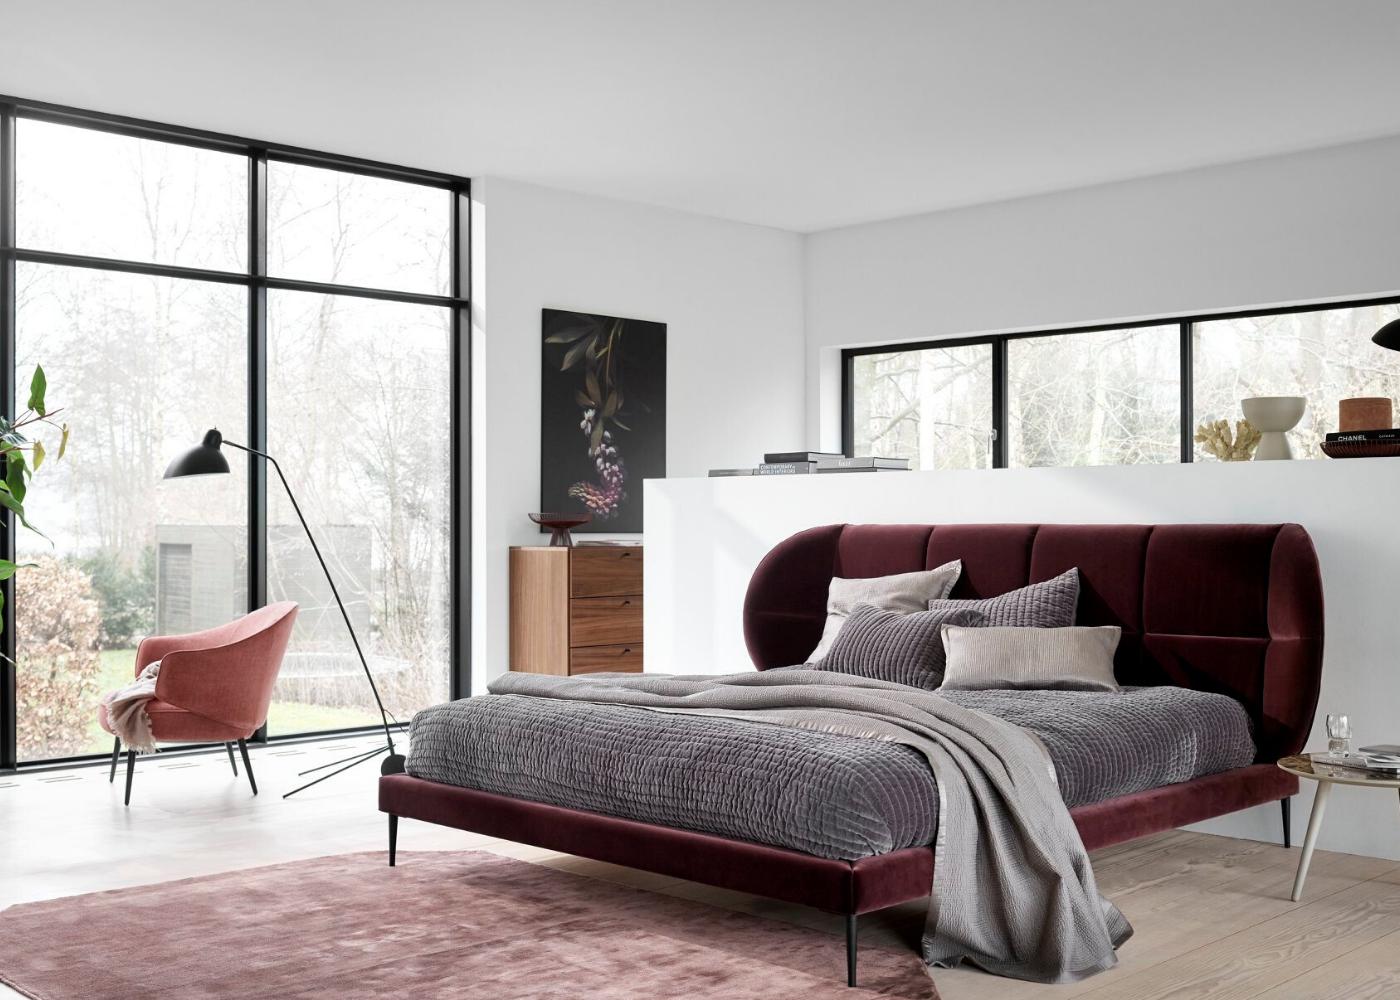 Furniture stores for beds: BoConcept